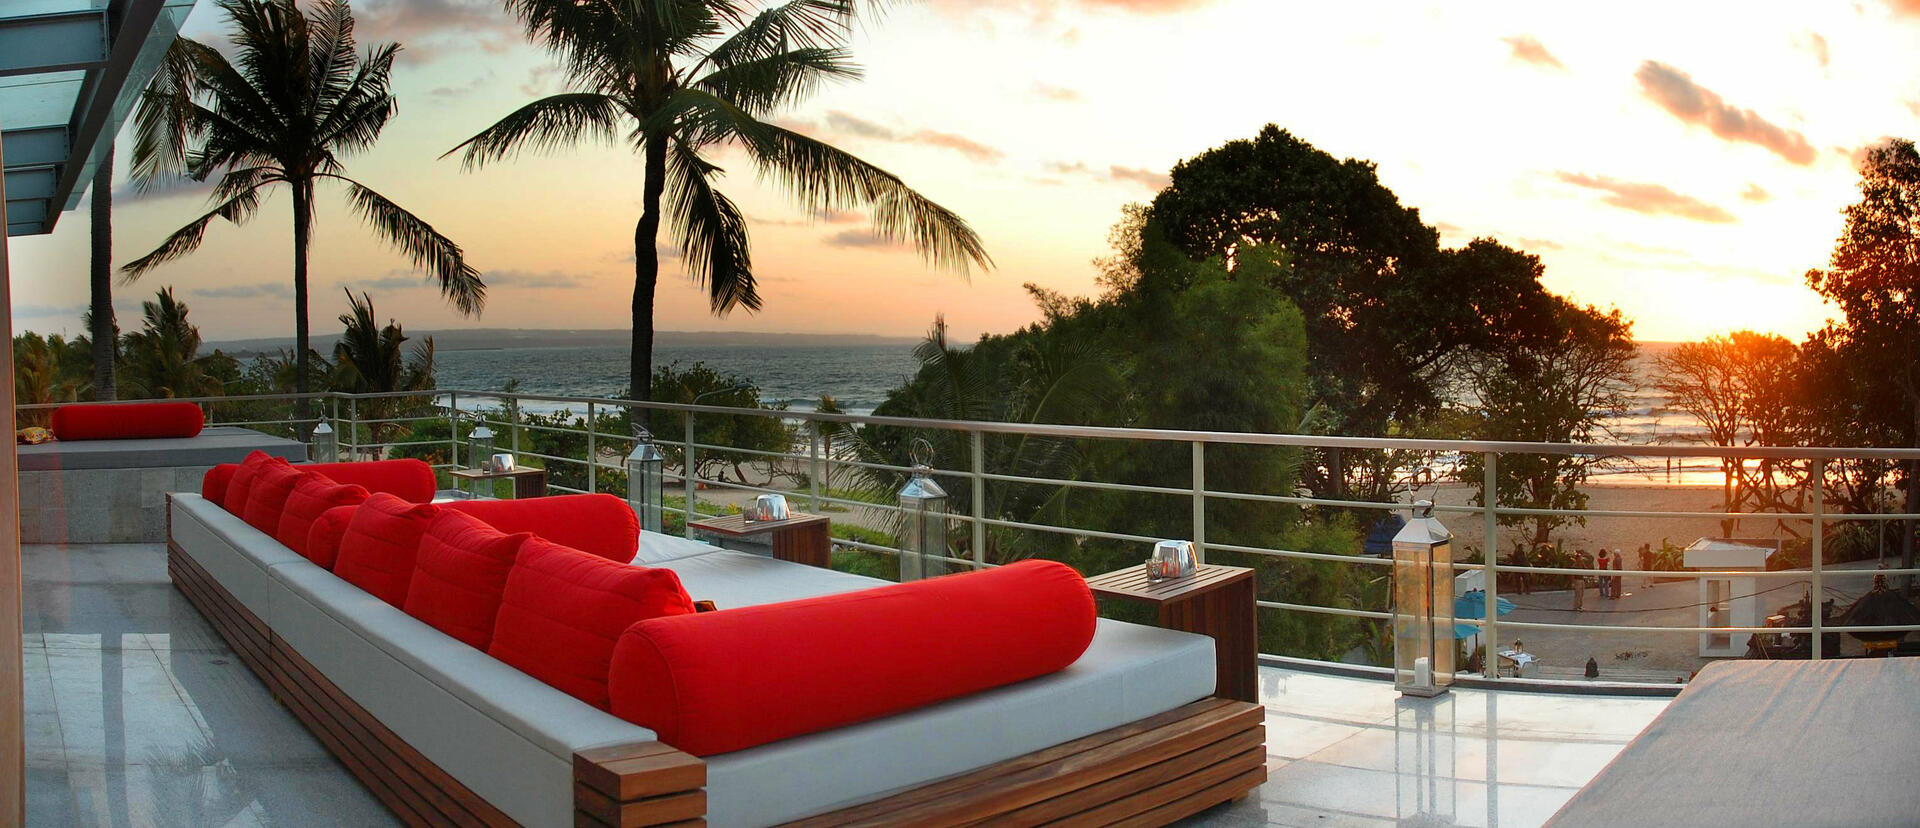 Away Bali Legian Camakila_TAO Rooftop